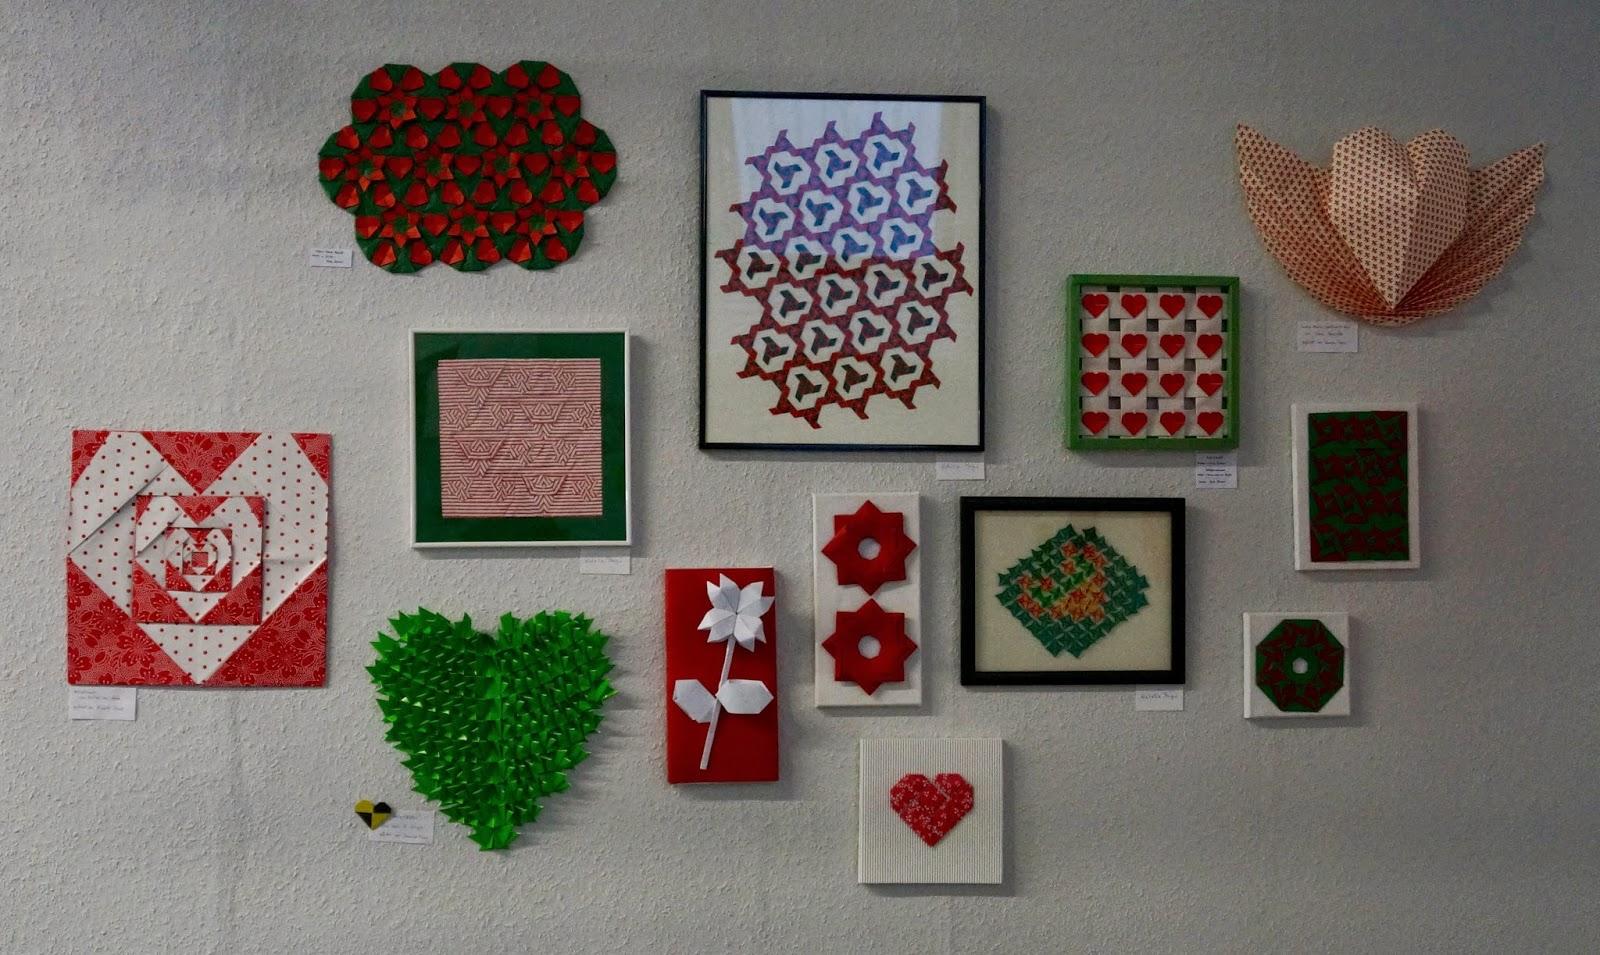 die turmfalter origami mit herz creativa 2015 in dortmund. Black Bedroom Furniture Sets. Home Design Ideas